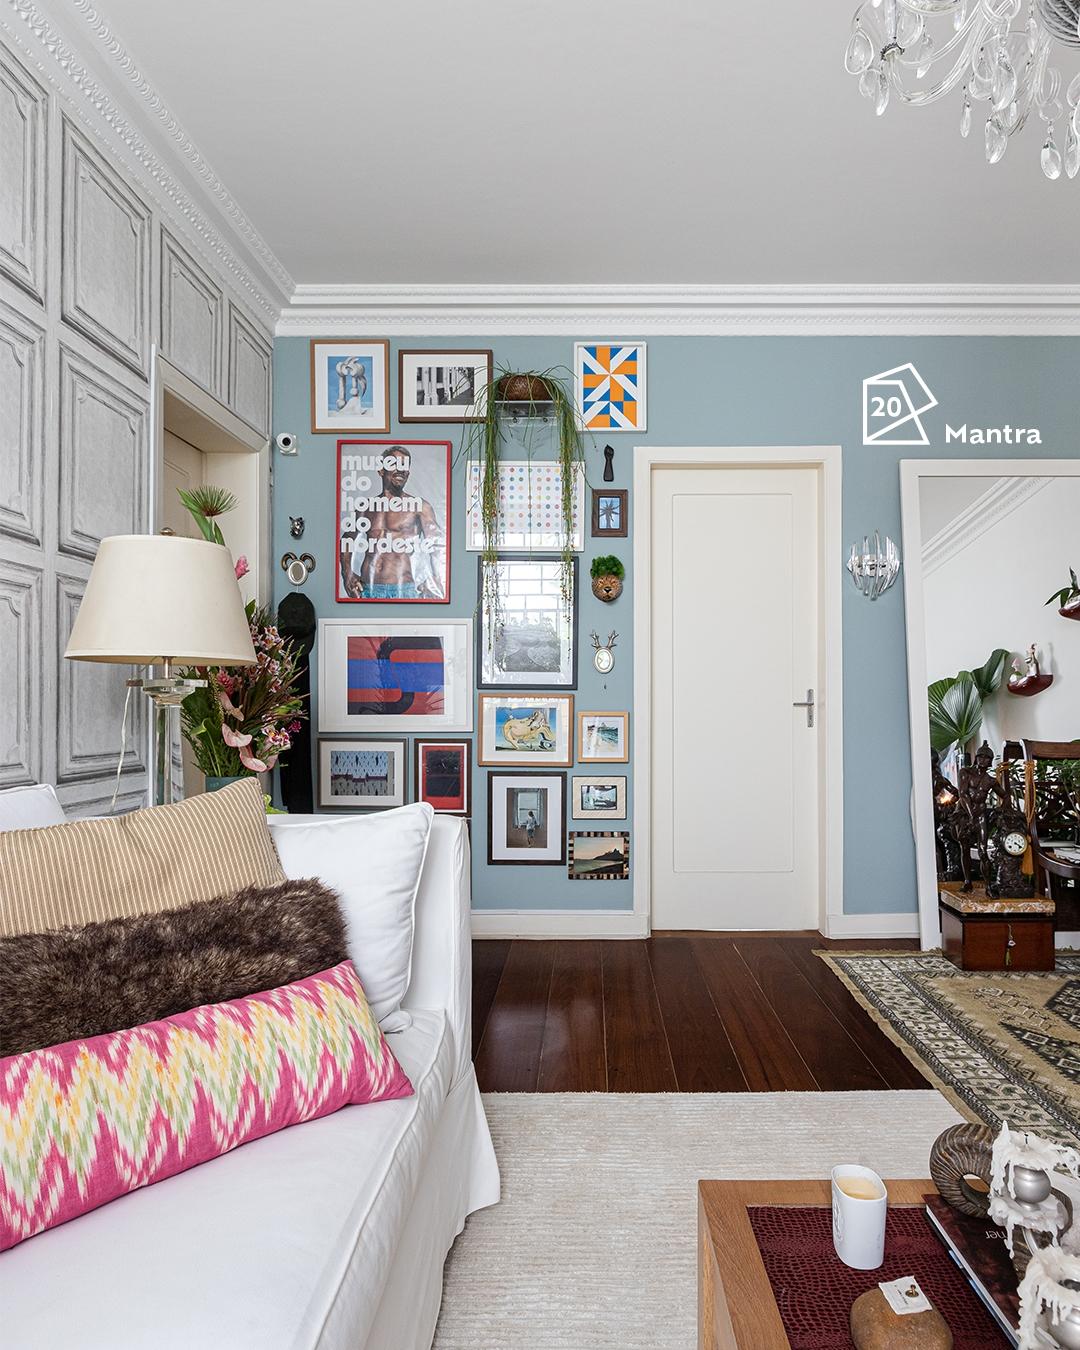 Foto da sala de Fabiano com um sofá com almofadas de diversas estampas na parte esquerda inferior da foto e, ao fundo, diversos quadros na parede que está pintada na cor Mantra. Ao meio, temos uma porta ainda branca com o ícone de cor do ano 2020 da cor Mantra.